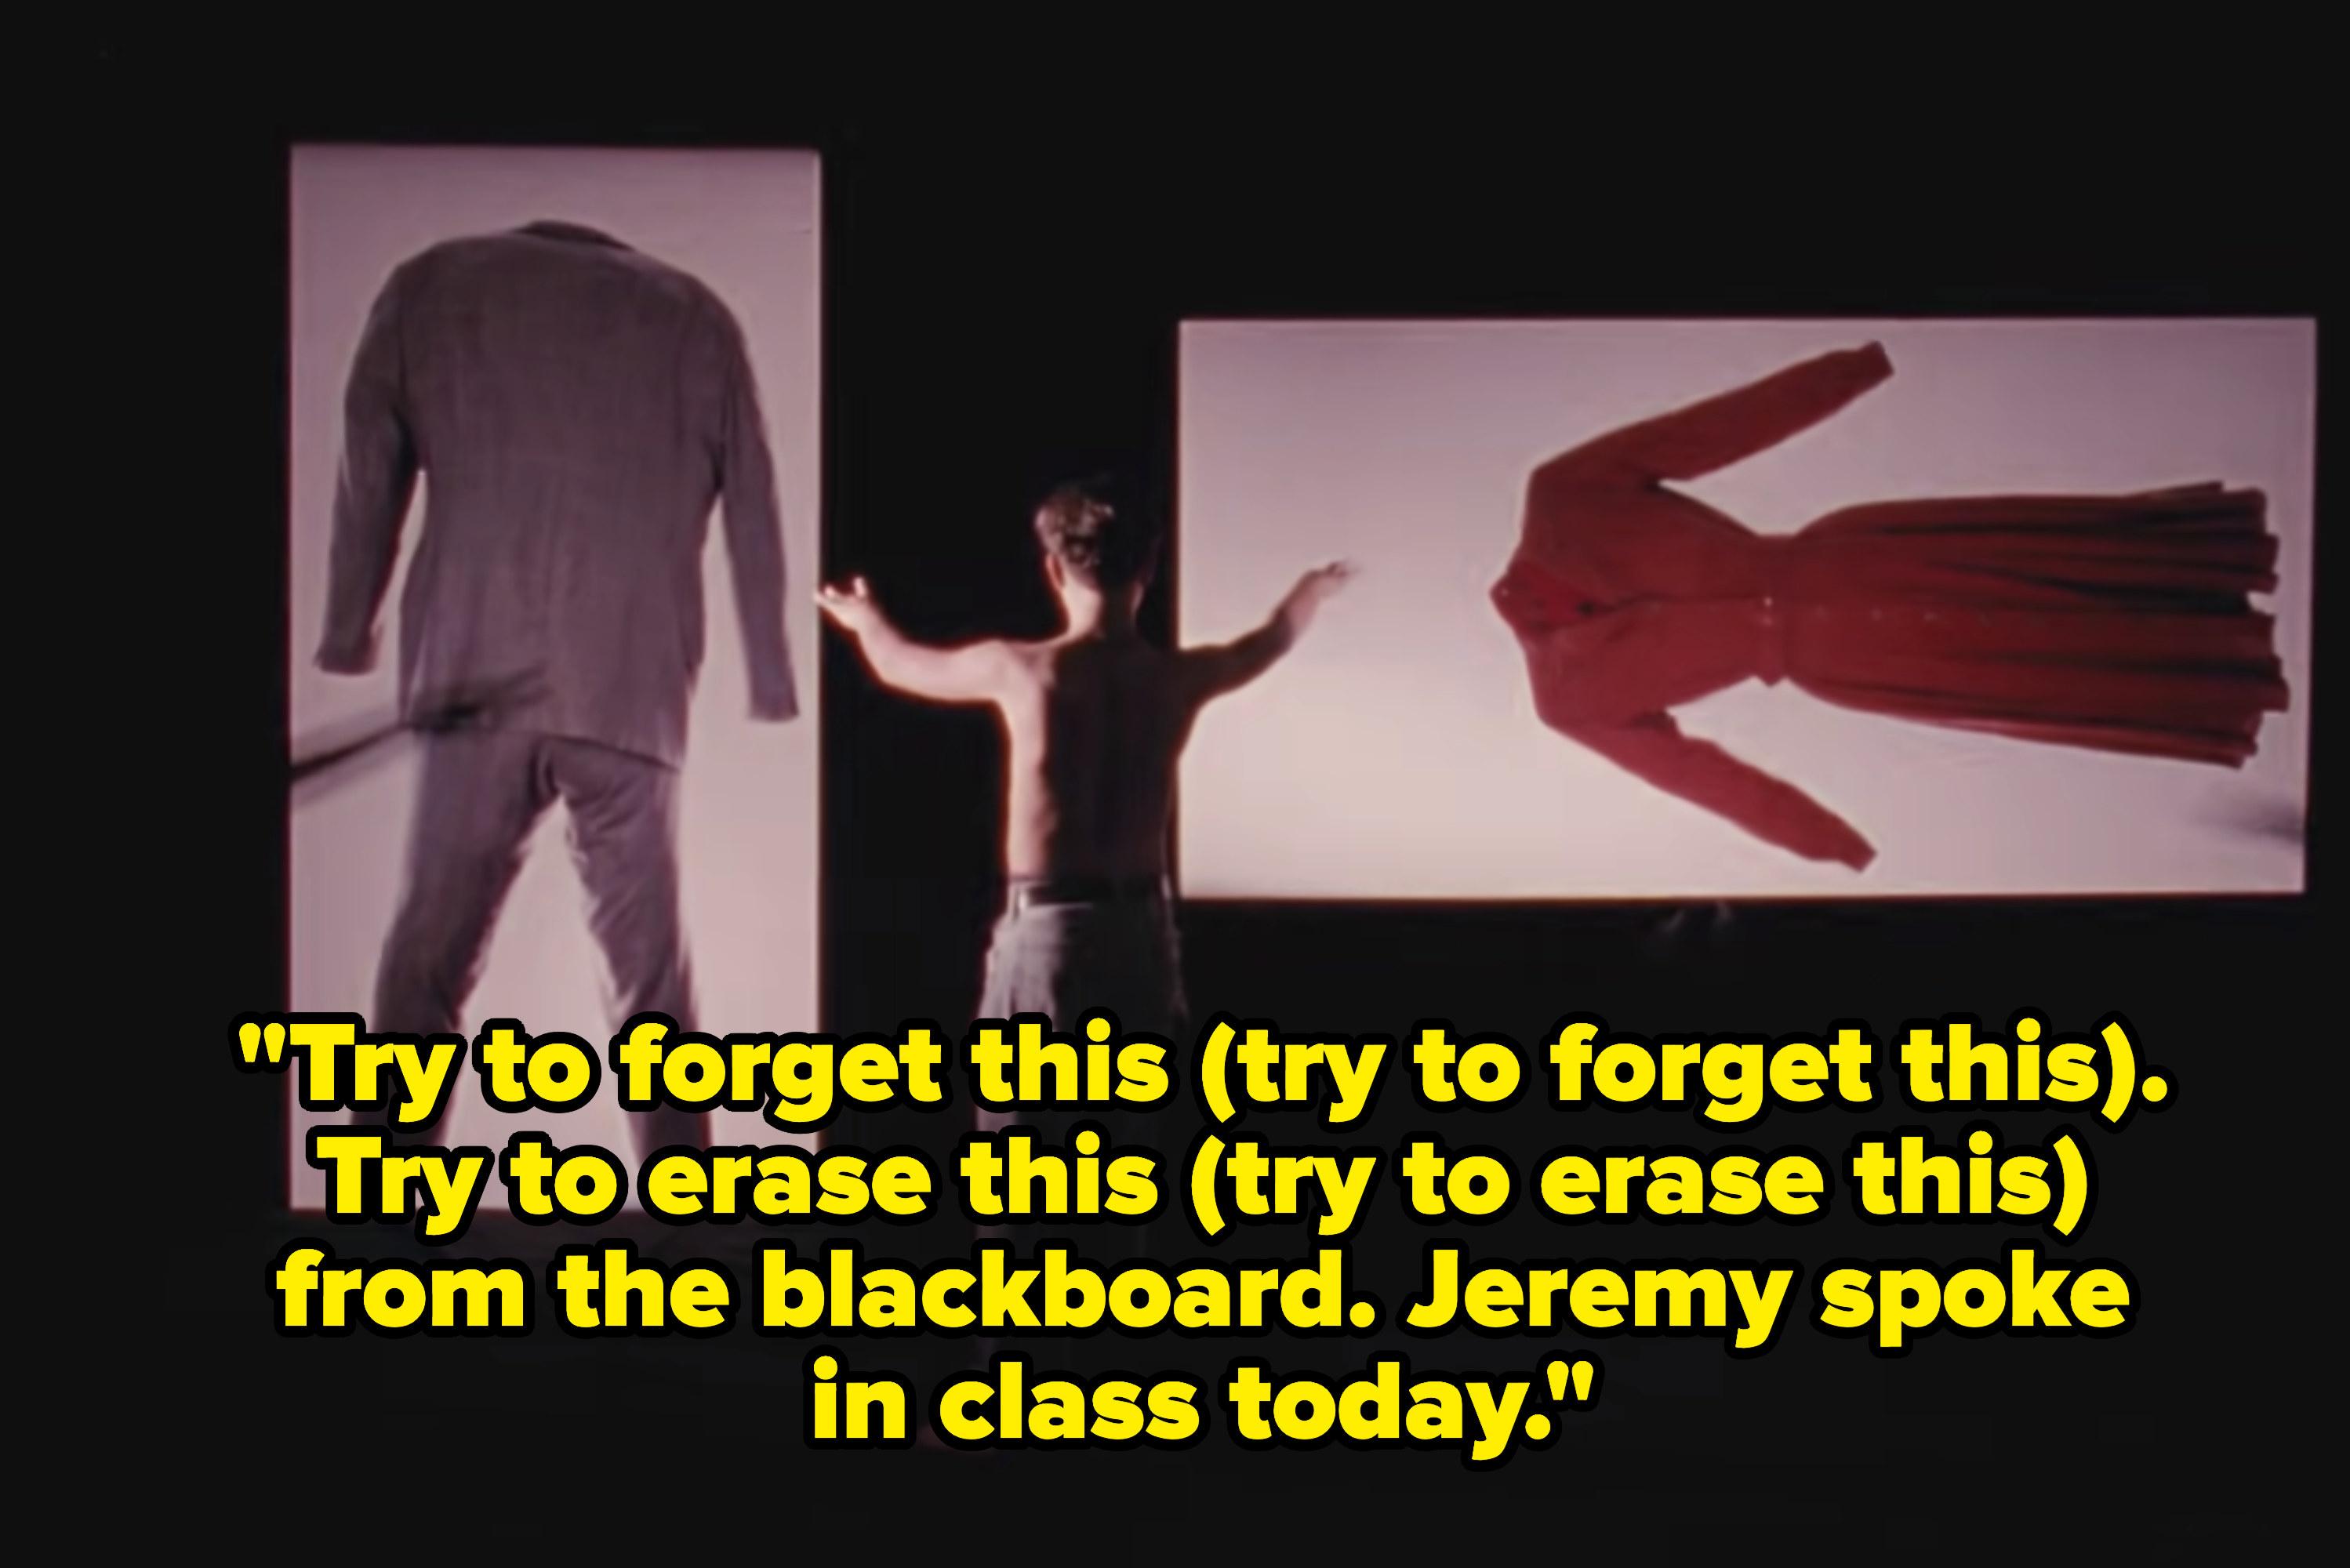 Lyrics: Try to forget this (try to forget this). Try to erase this (try to erase this) from the blackboard. Jeremy spoke in class today